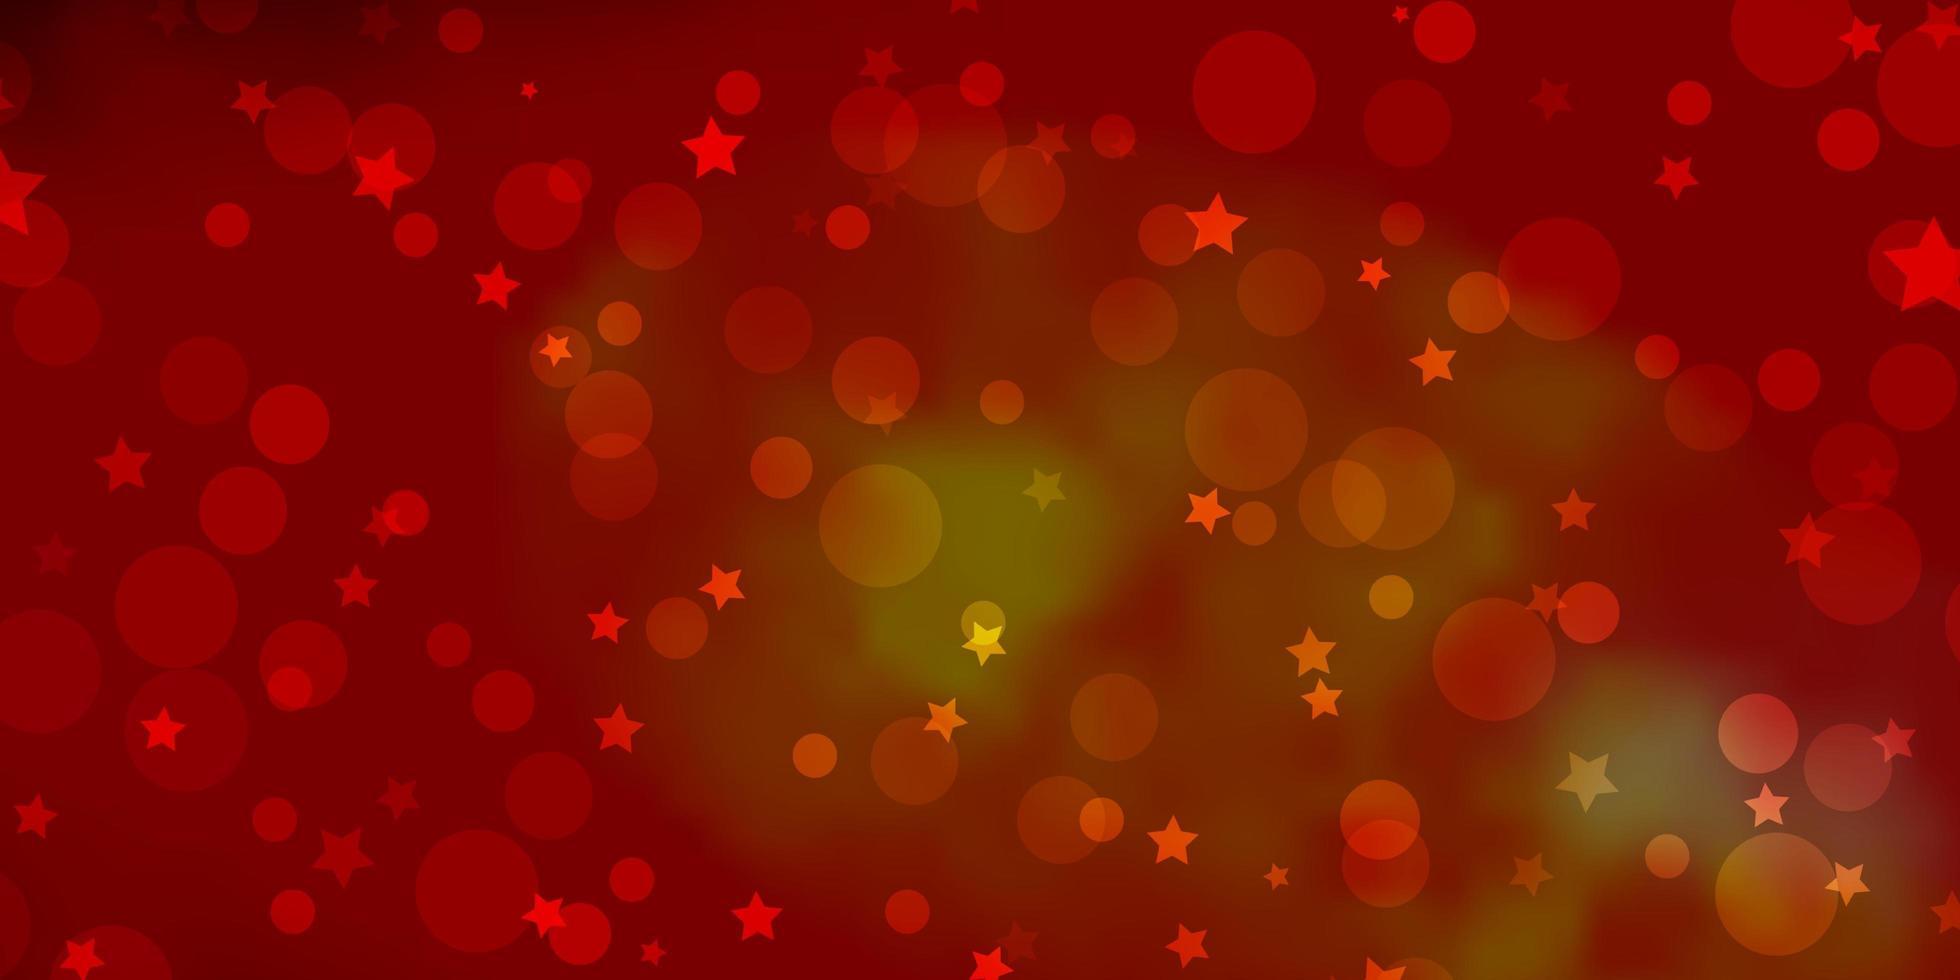 rotes und gelbes Muster mit Kreisen, Sternen. vektor